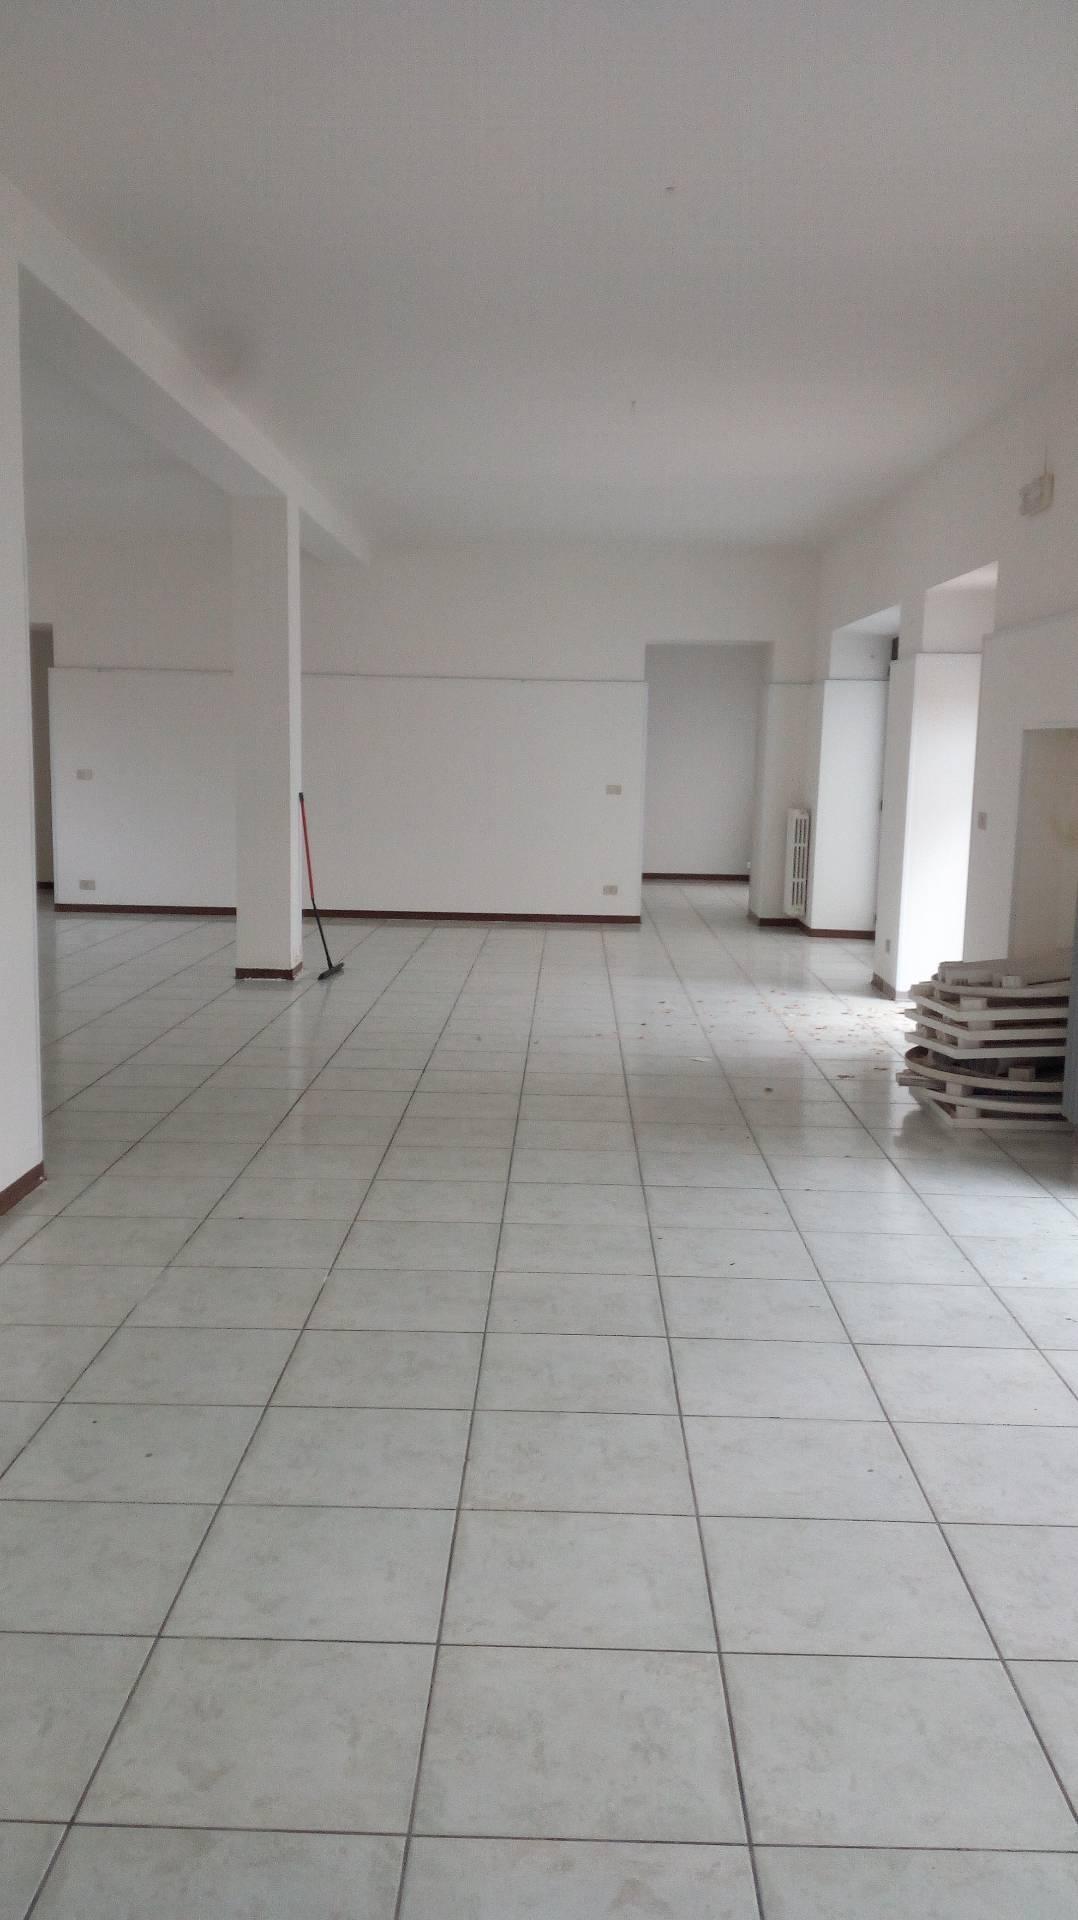 Negozio / Locale in affitto a Giulianova, 9999 locali, zona Località: Lido, prezzo € 750 | CambioCasa.it